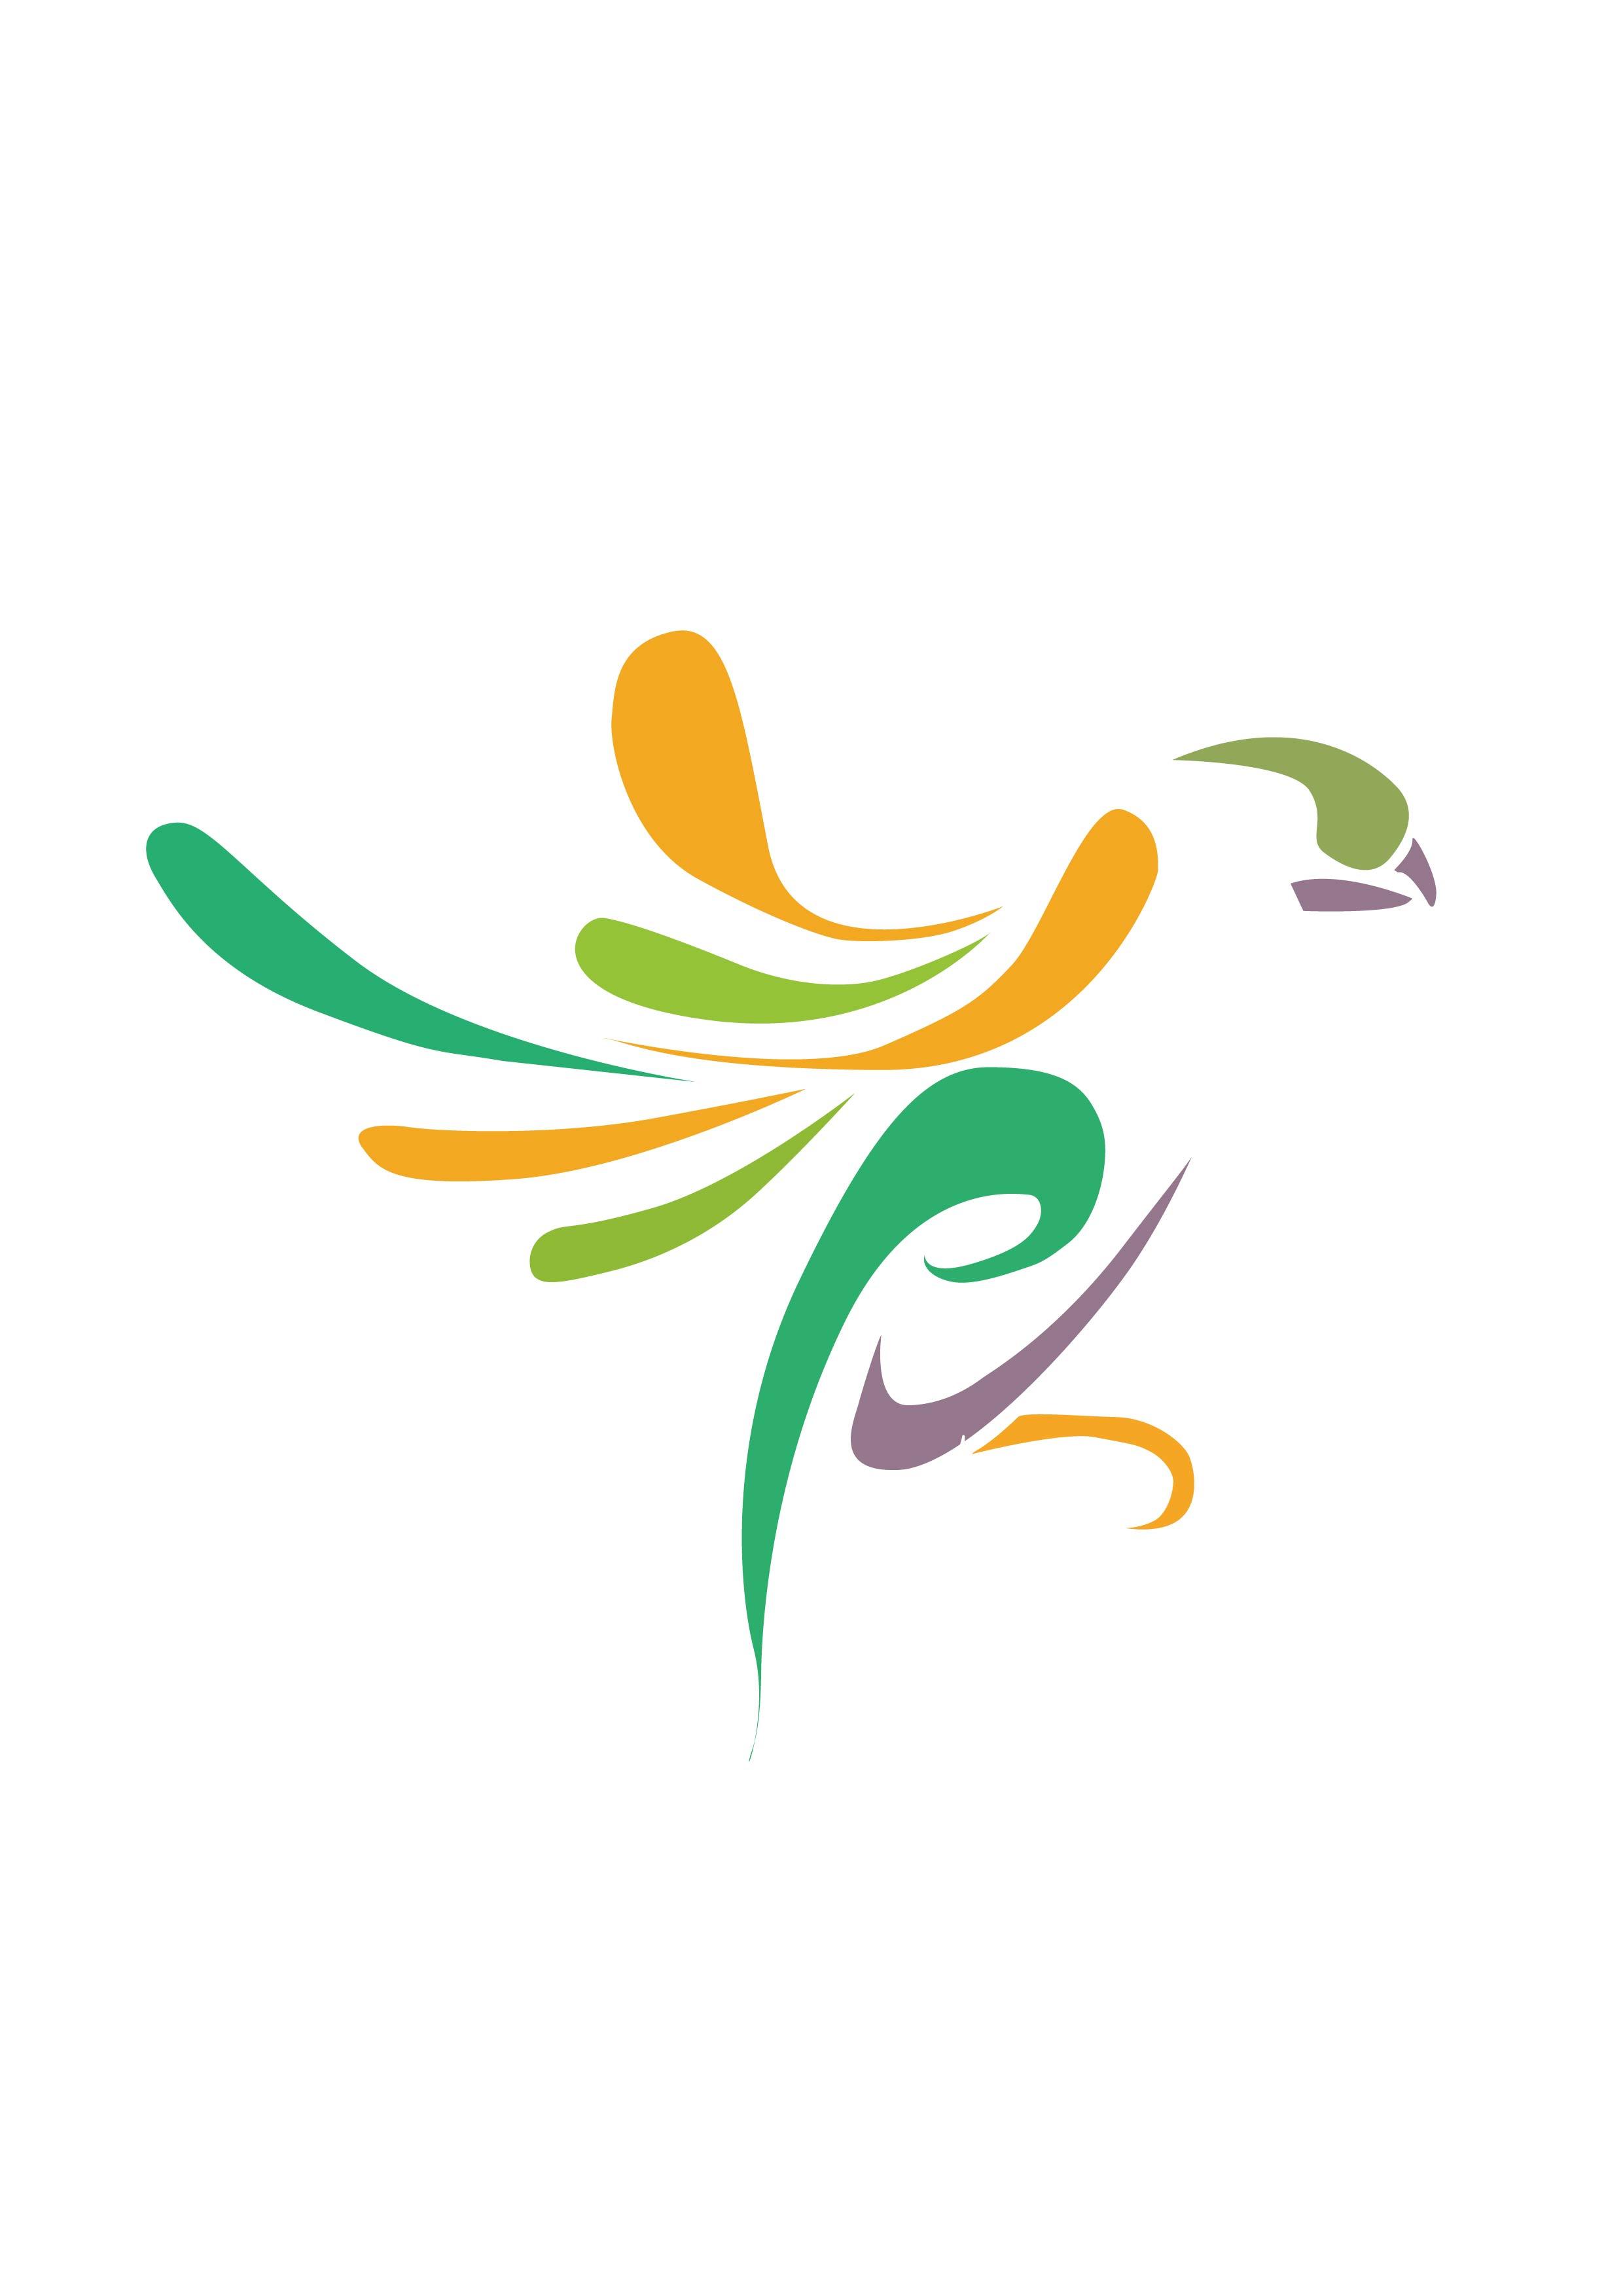 logo logo 标志 设计 矢量 矢量图 素材 图标 2480_3508 竖版 竖屏图片